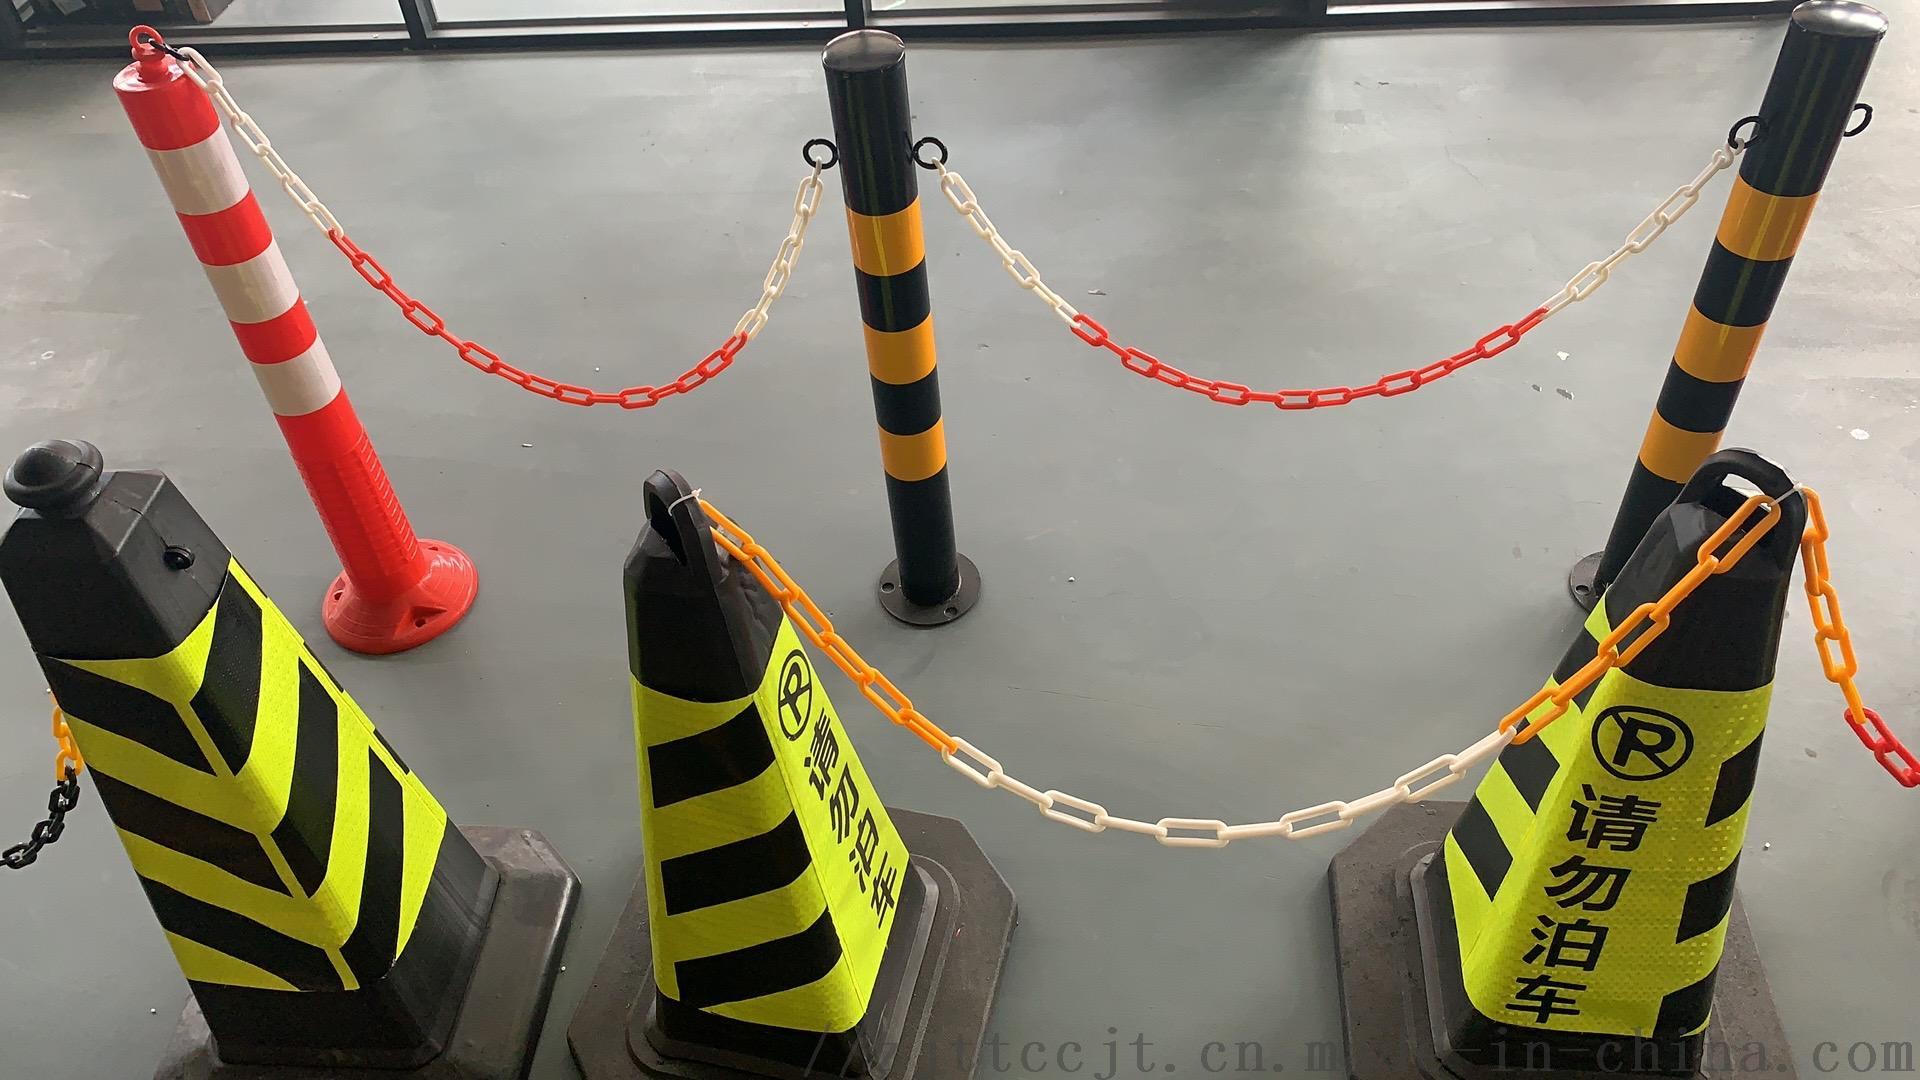 交通塑料链子链条封闭 示红白路锥塑胶安全工业扣环148398255